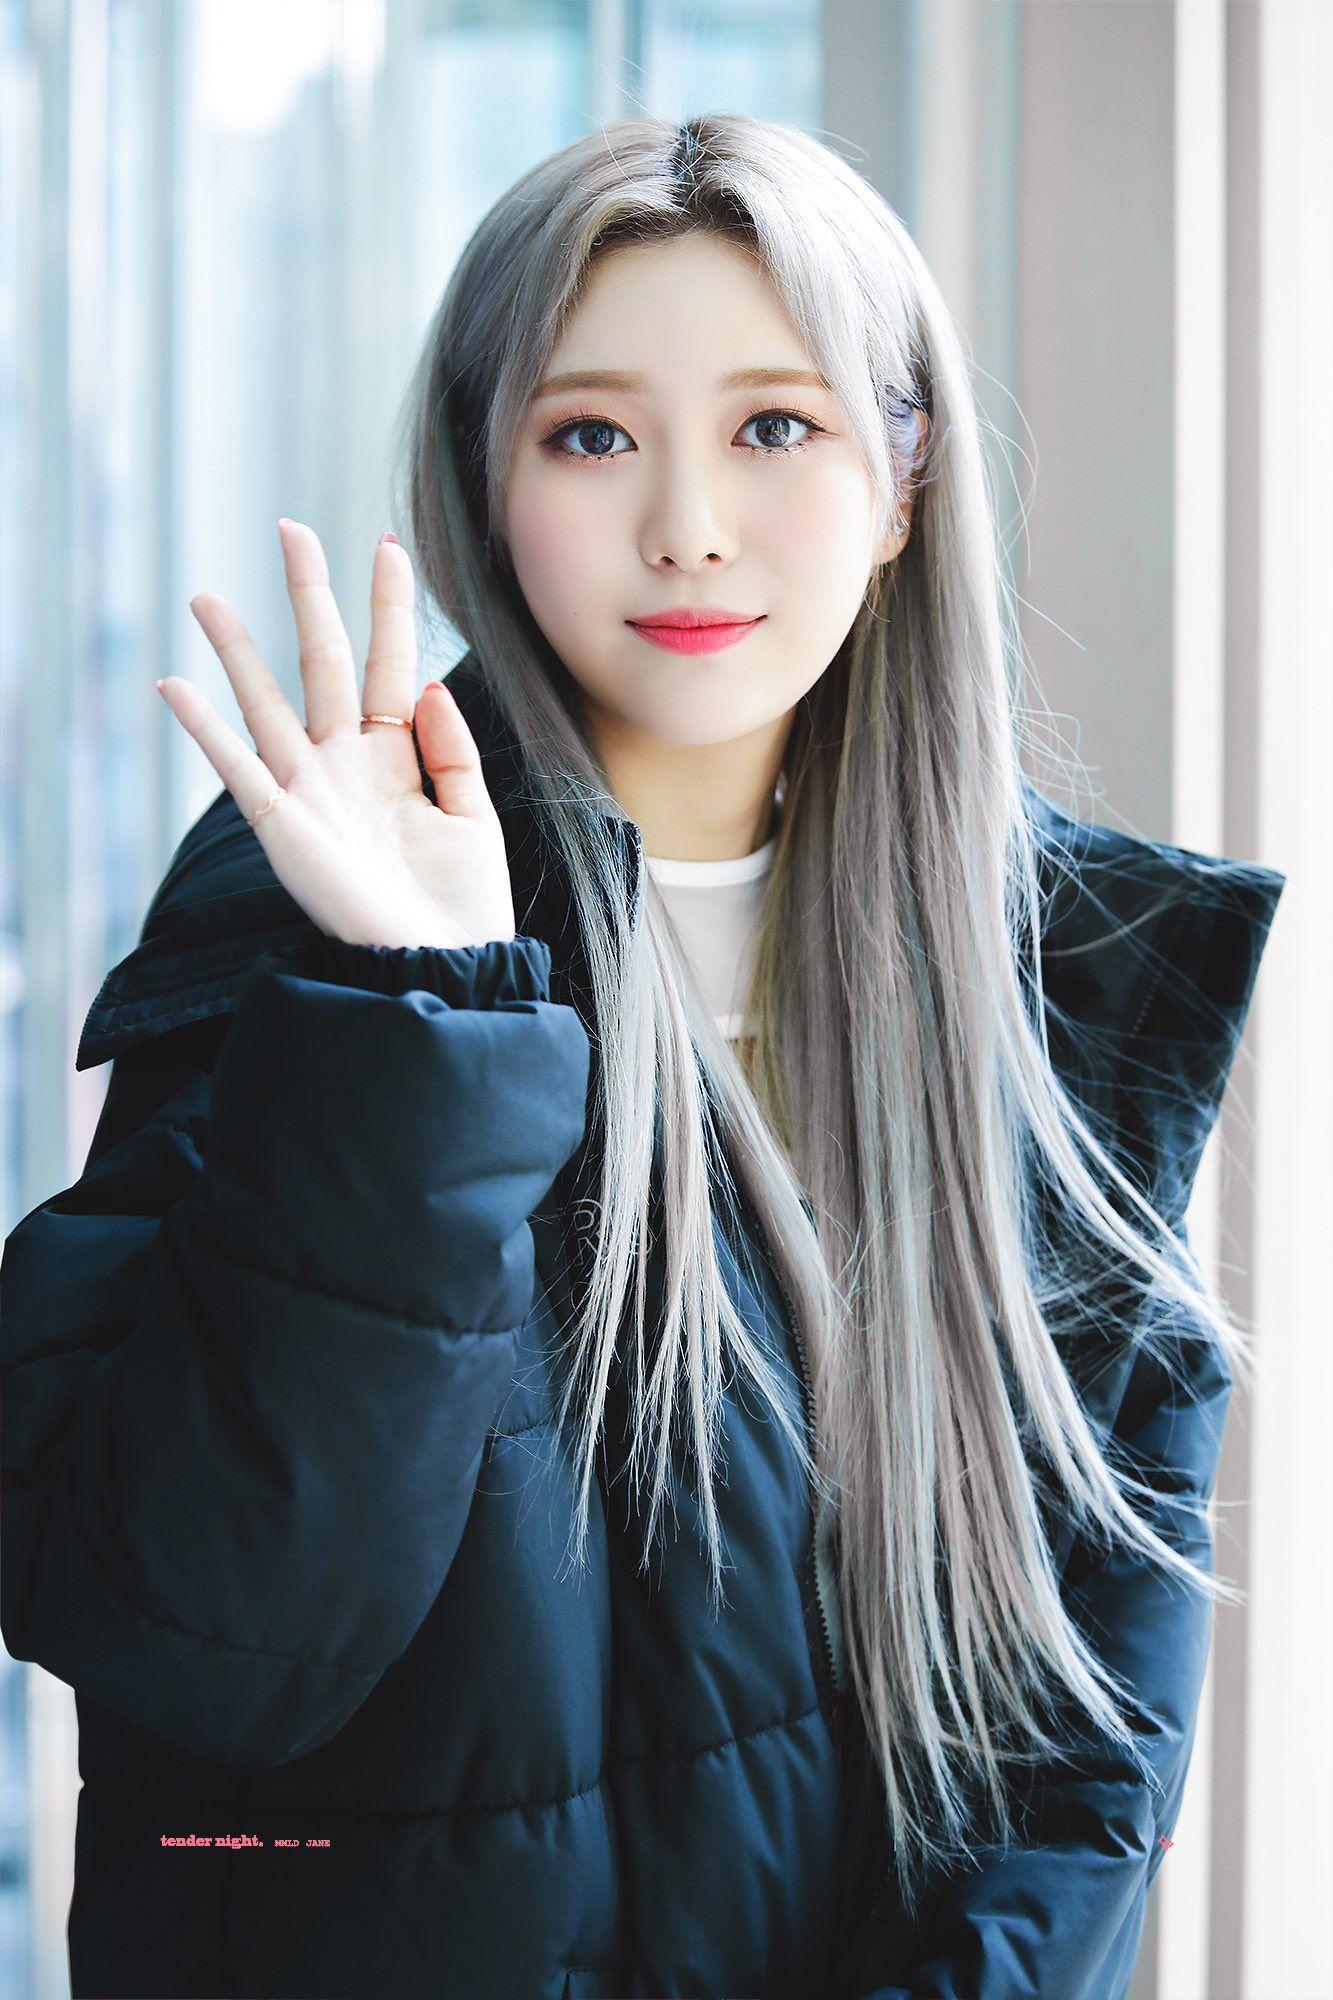 Jane Kpop Kdrama Bts Exo Kpoparmy Korean Beauty Beauty Jane